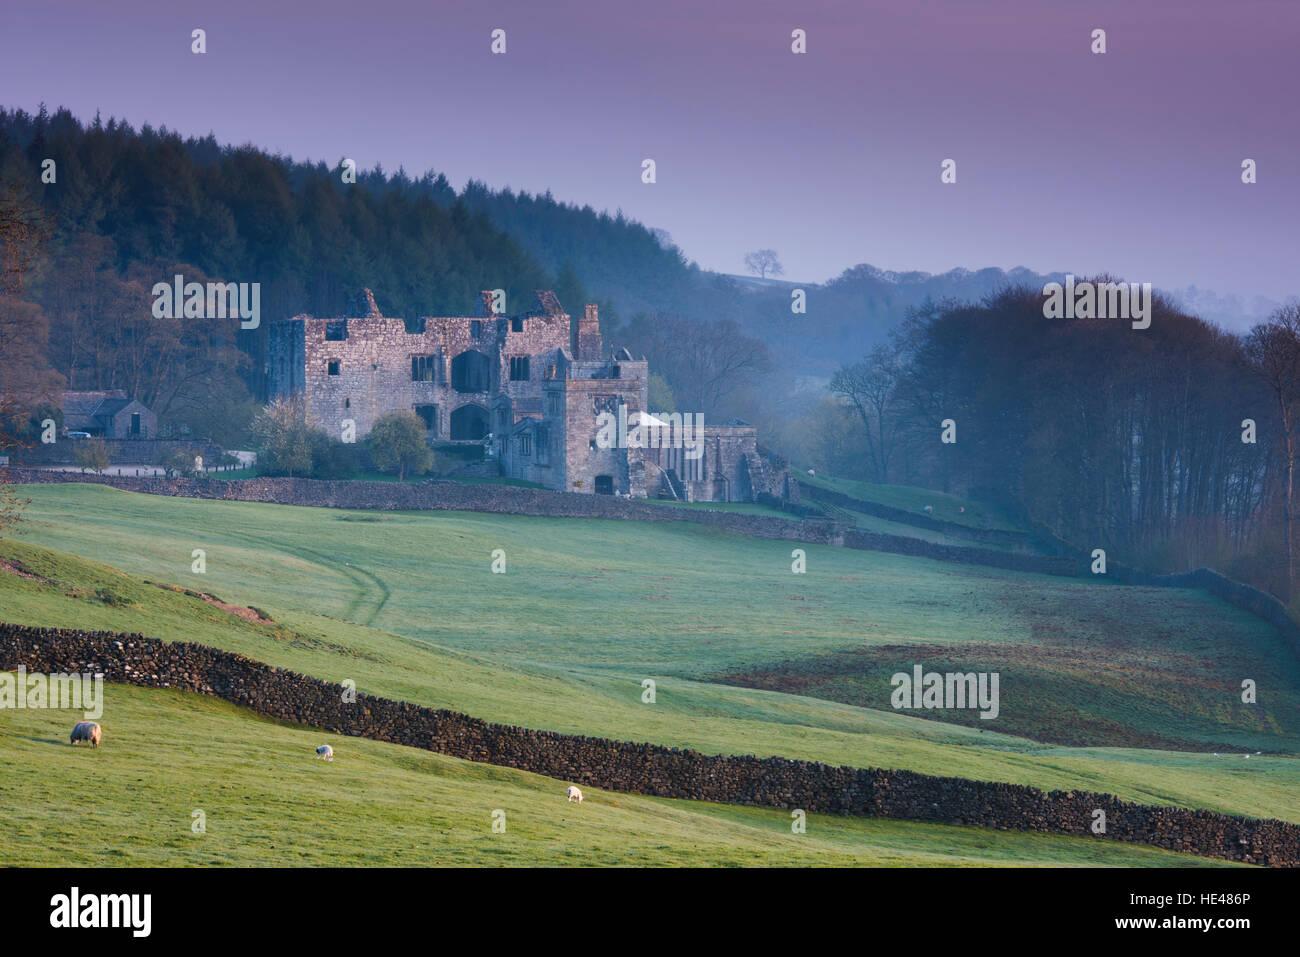 Rosa invierno amanecer cielo y hermosas ruinas históricas de la antigua torre Barden iluminada por el sol - pintoresco paisaje de Dales, Bolton Abbey Estate, Yorkshire, Inglaterra GB. Foto de stock